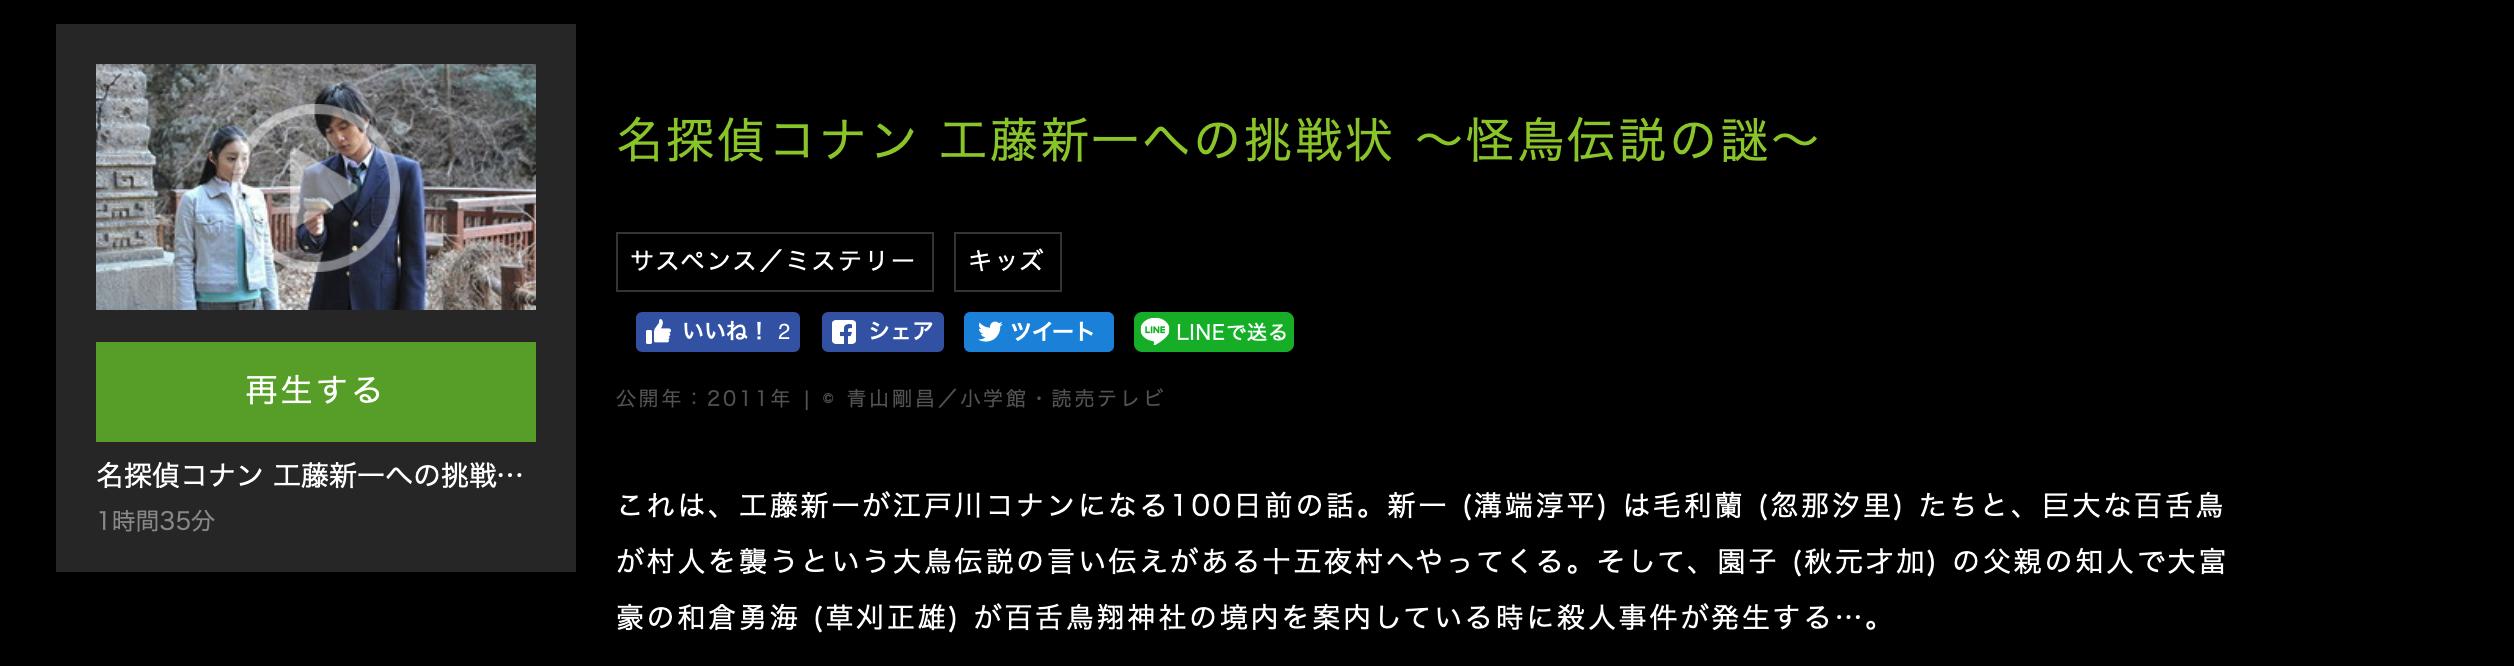 名探偵コナン 工藤新一への挑戦状 ~怪鳥伝説の謎~あらすじ